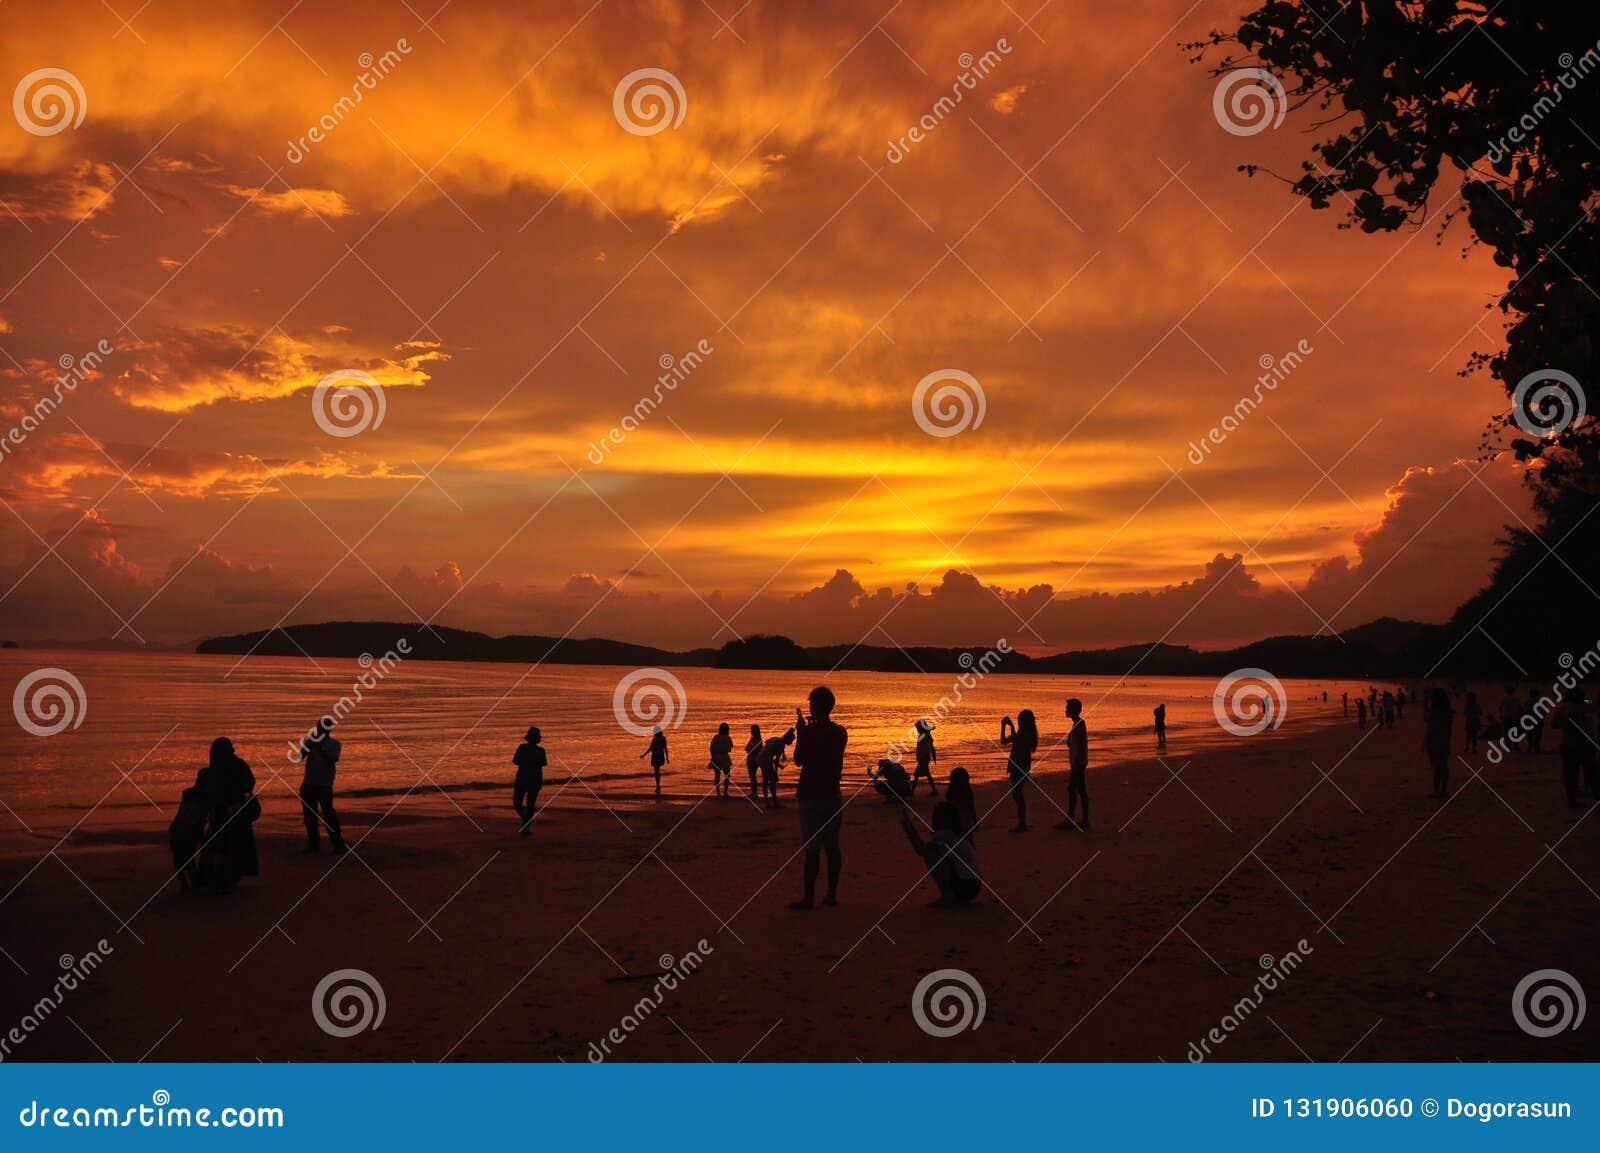 Mensen op zandige kust in zonsondergang, Silhouetten van mensen die tijd doorbrengen aan tropische kustlijn met gouden heldere he